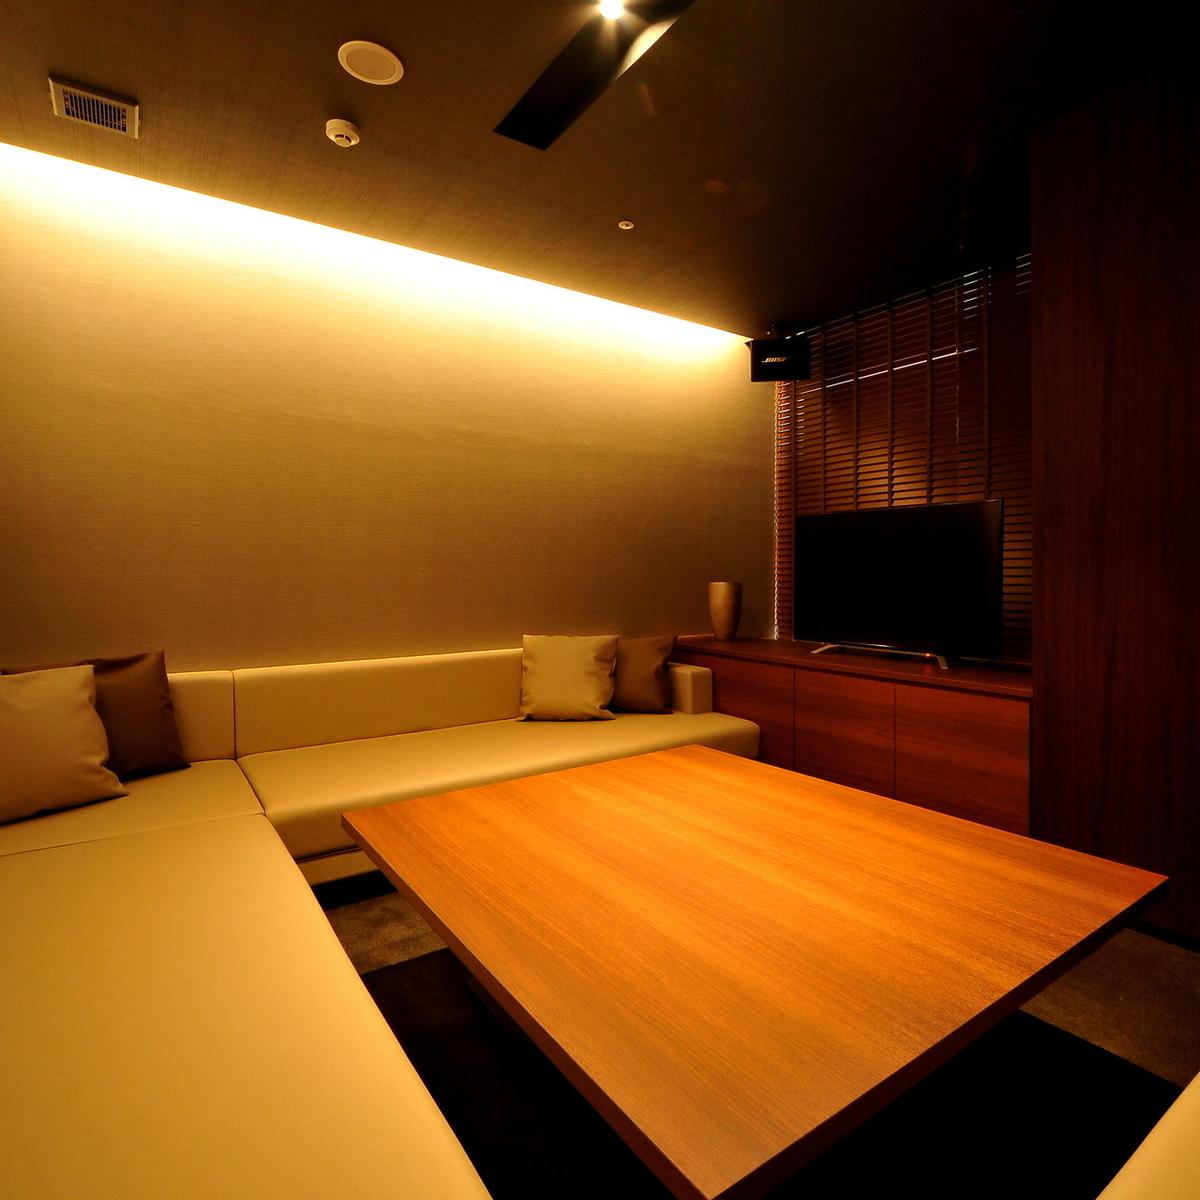 【房間010】私人房間最多可容納6人/寬鬆沙發圓形,寬敞典雅,現代混合。非常適合卡拉OK和私人休息室。